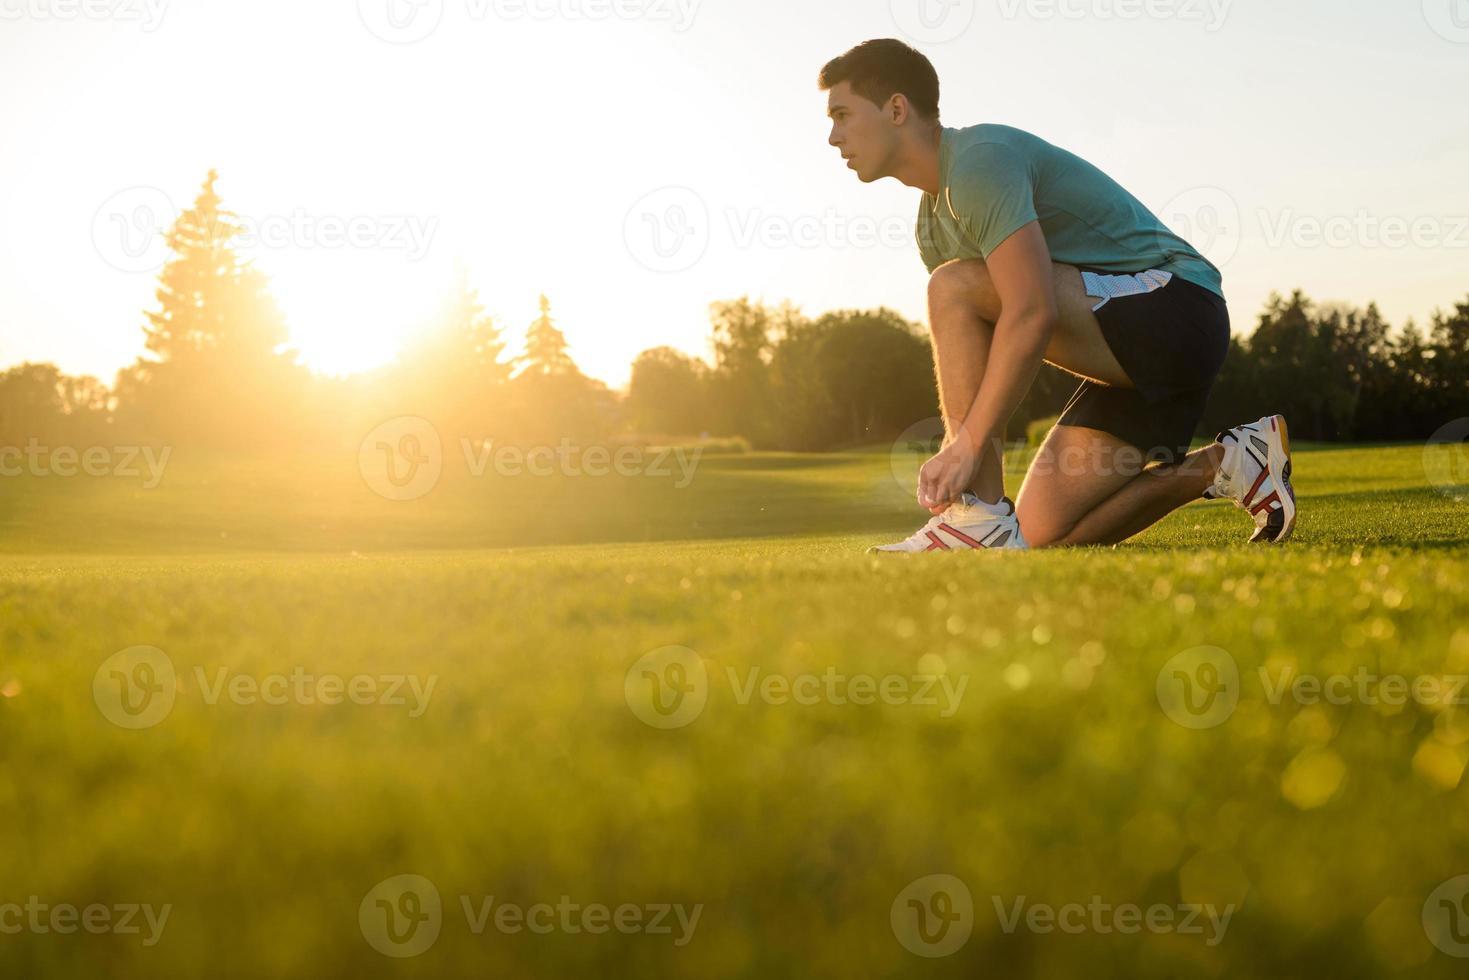 Sporen, die sich darauf vorbereiten zu rennen. foto